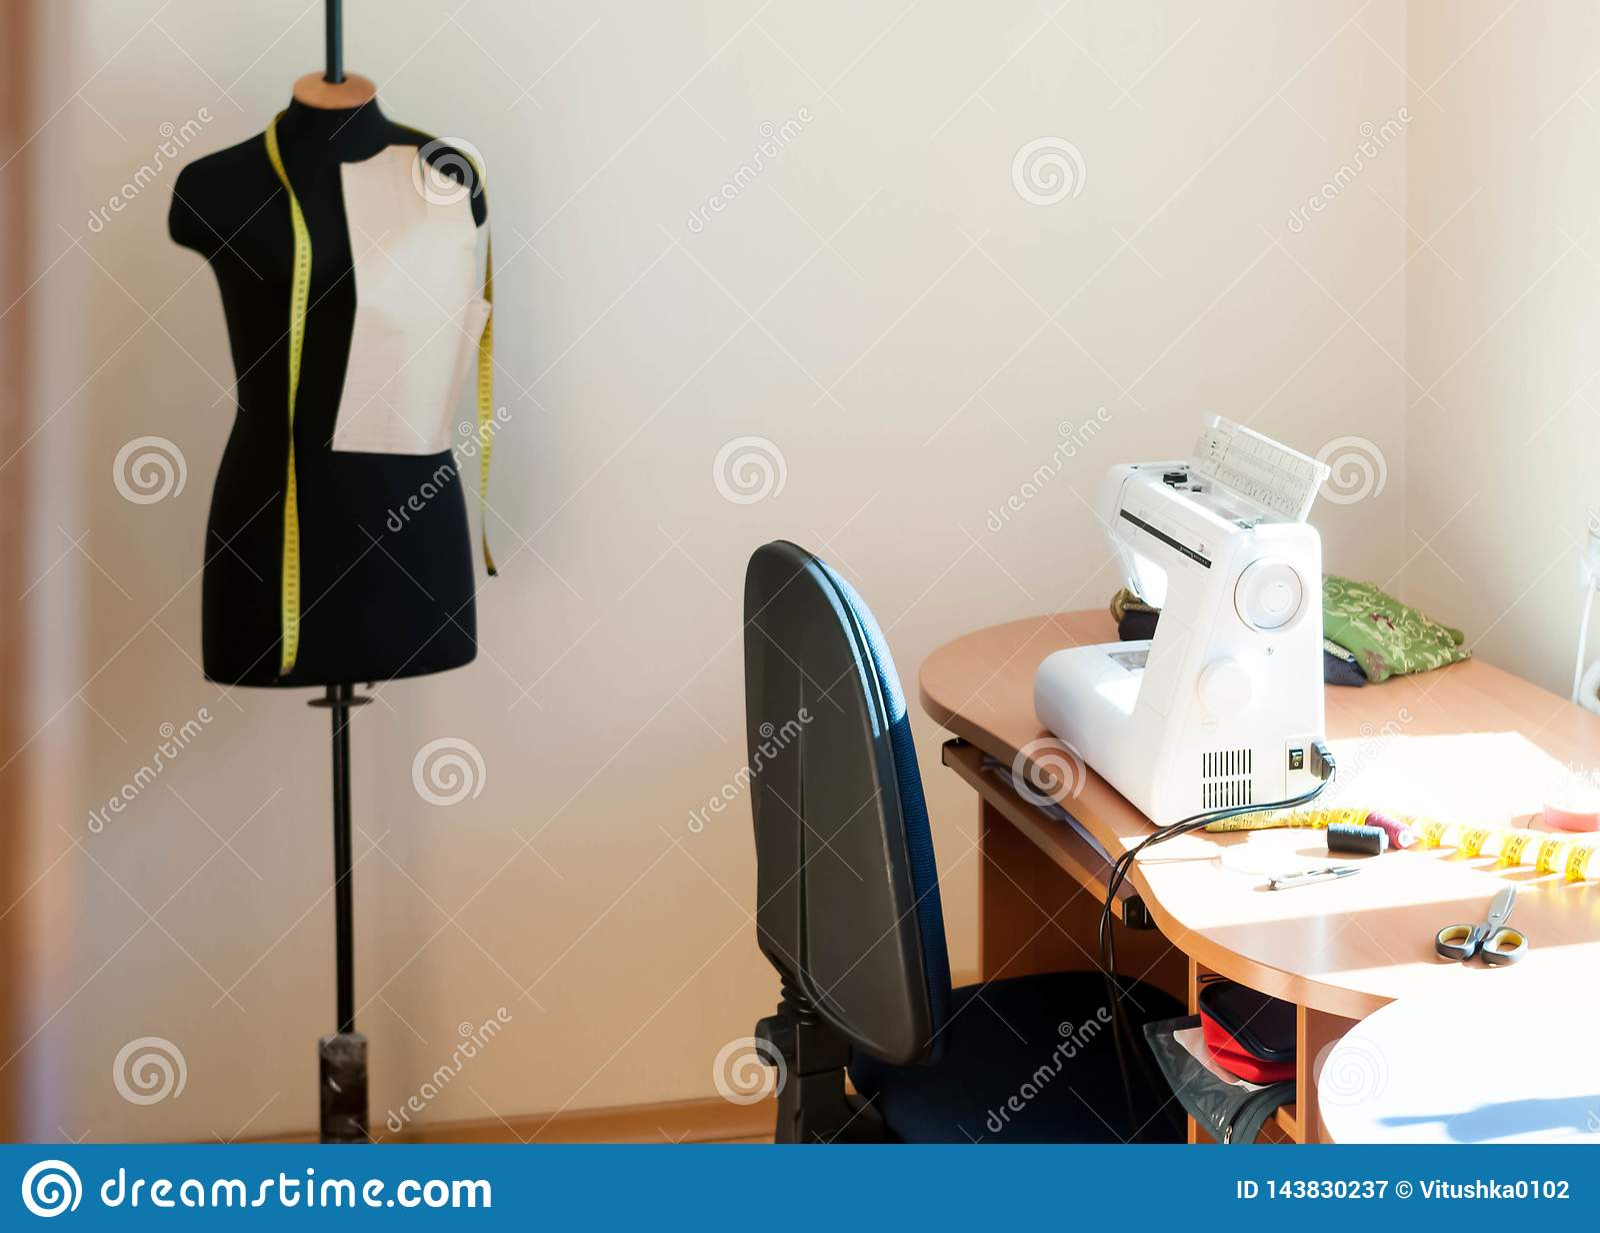 Macchina per cucire bianca, sedia blu, manichino nero con nastro adesivo